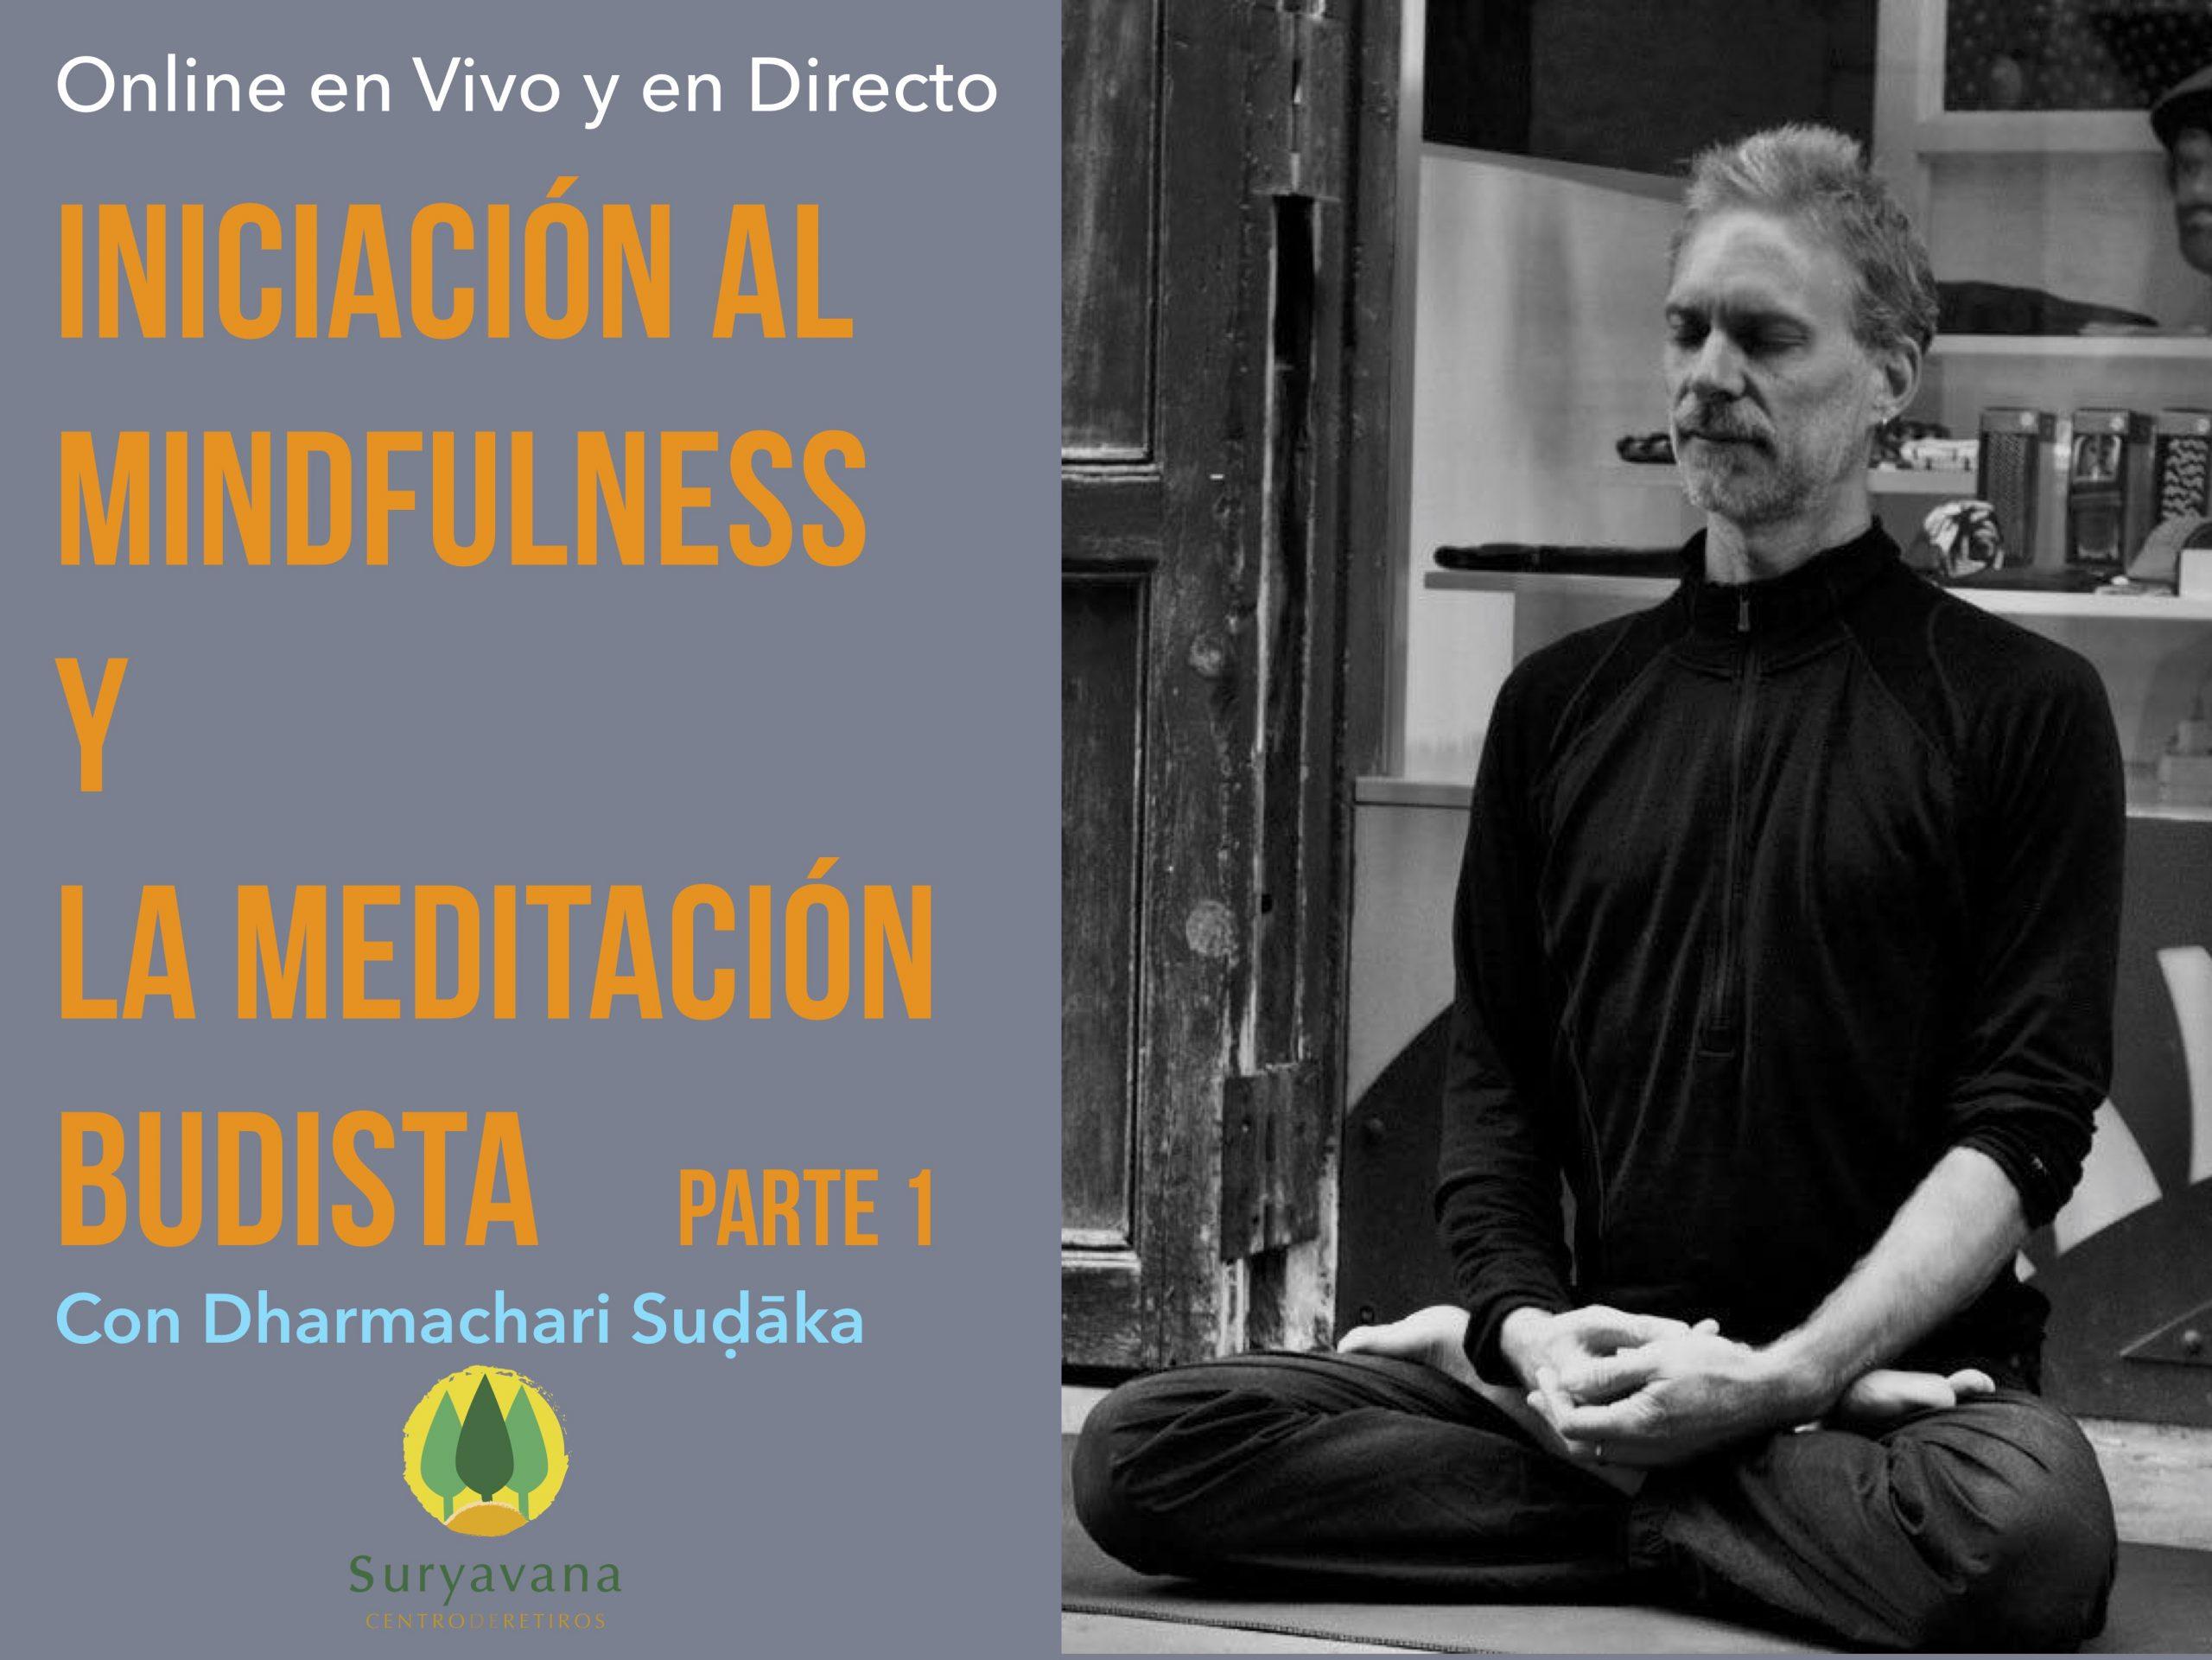 Iniciación al Mindfulness y la Meditación Budista -Online